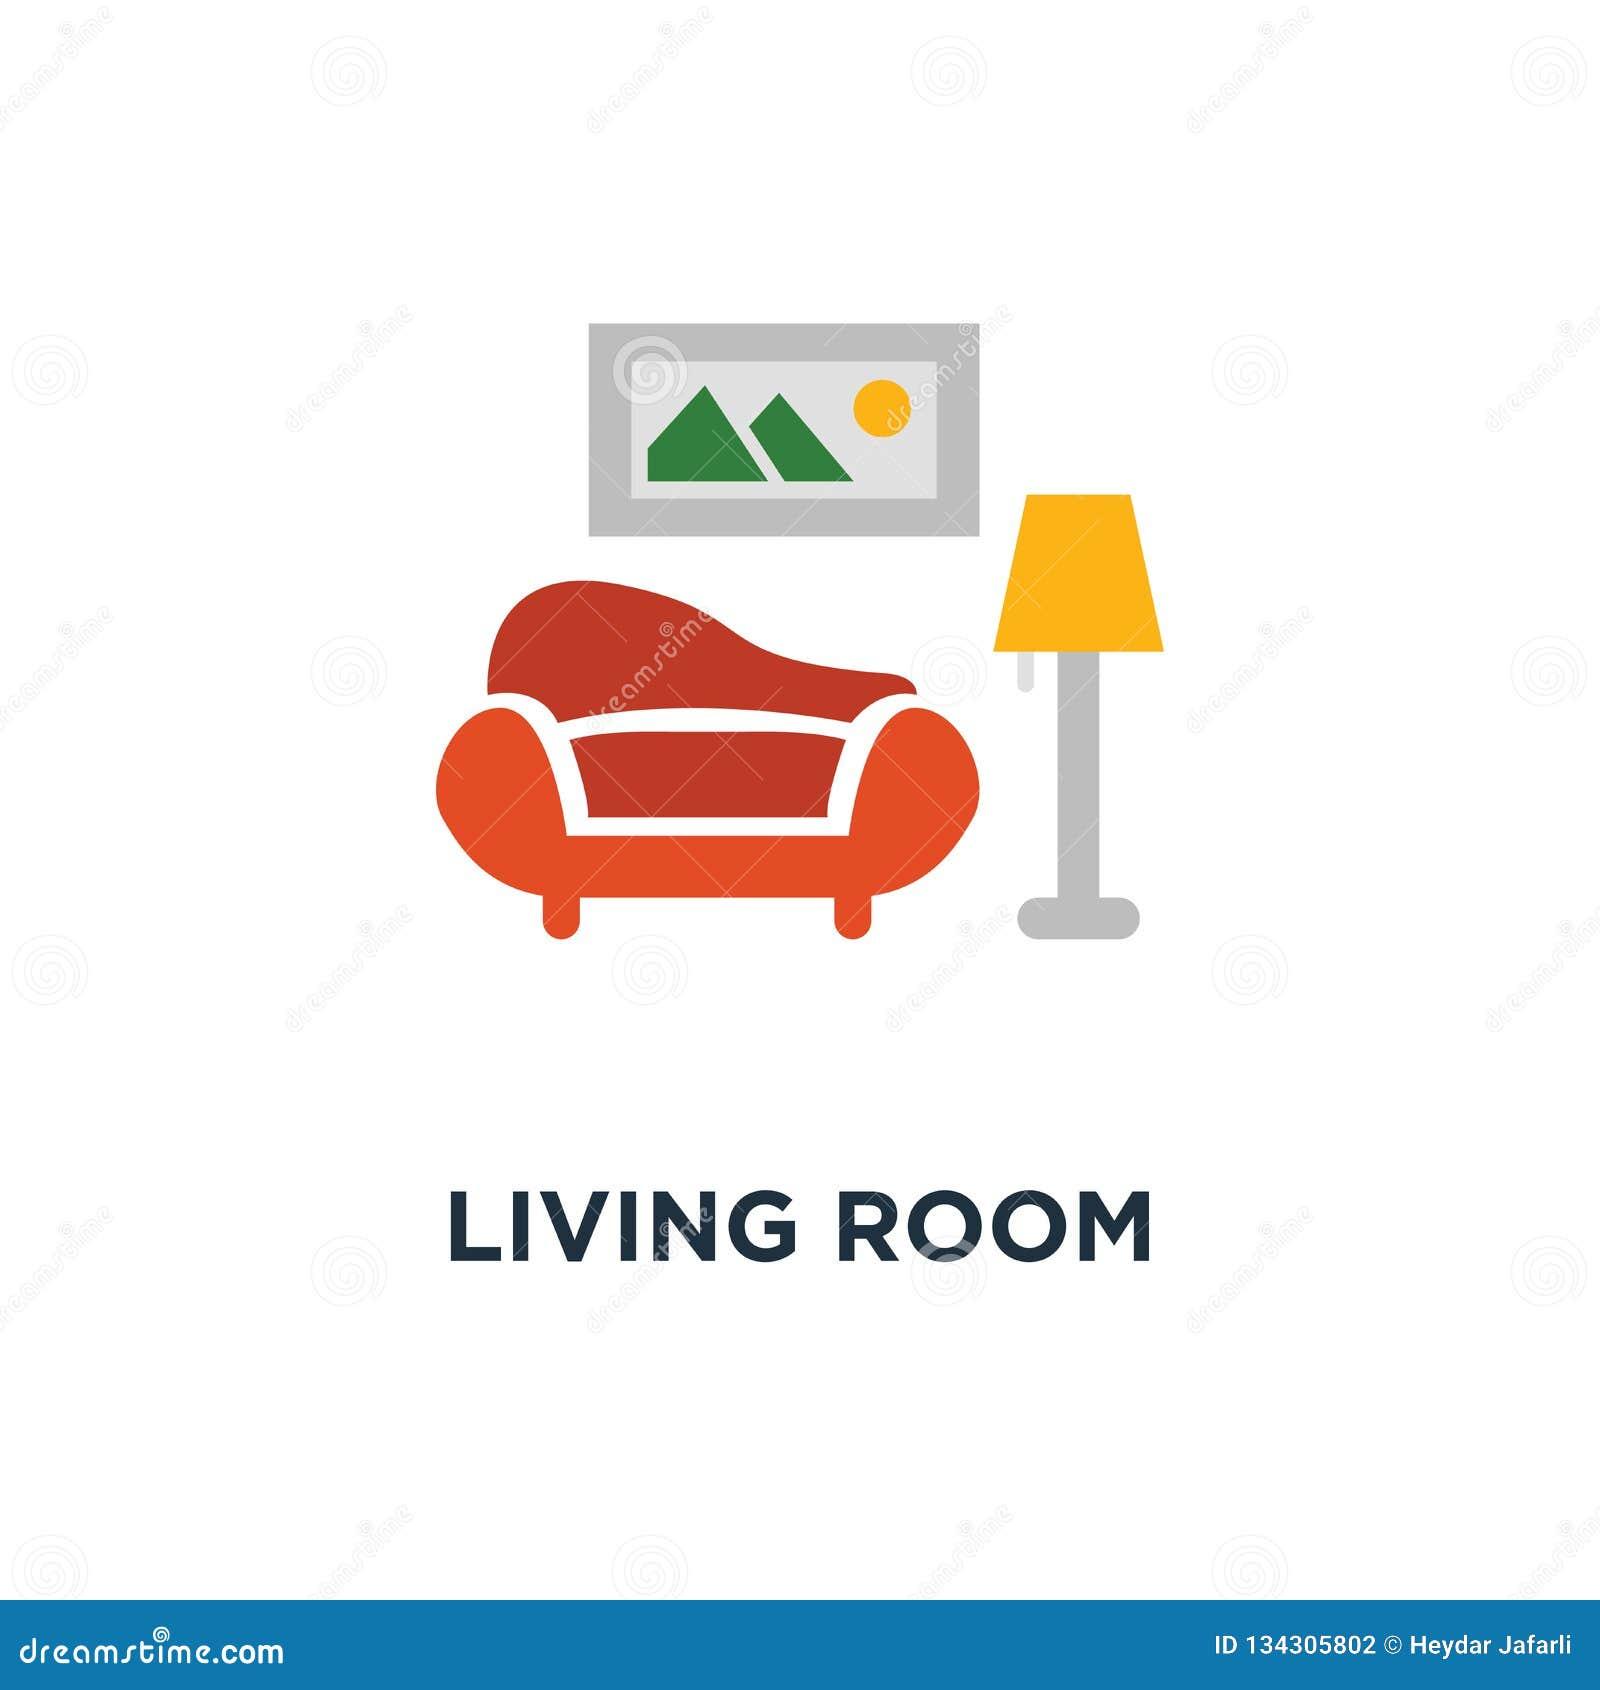 εσωτερικό εικονίδιο σχεδίου καθιστικών σχέδιο συμβόλων έννοιας λαμπτήρων καναπέδων και πατωμάτων, εικόνα και δοχείο εγκαταστάσεων